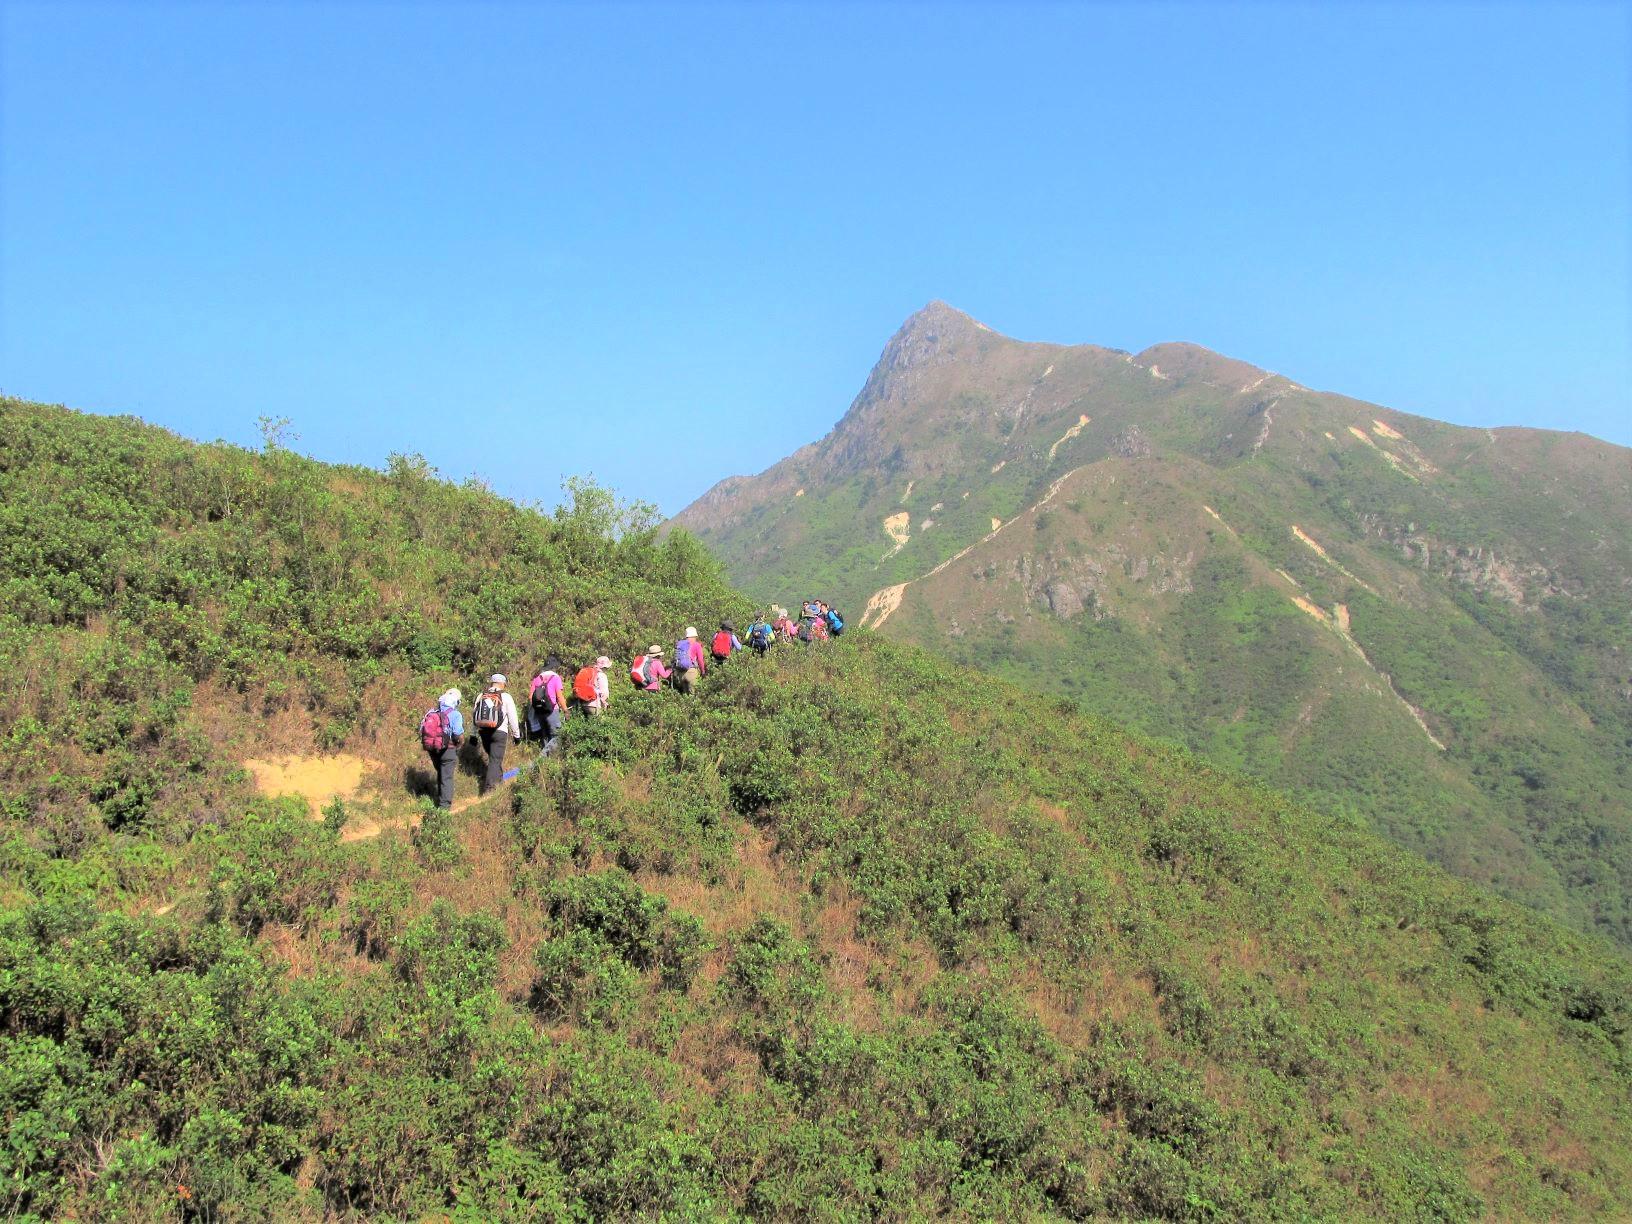 香港の名峰シャープピーク(468m)の山頂へ